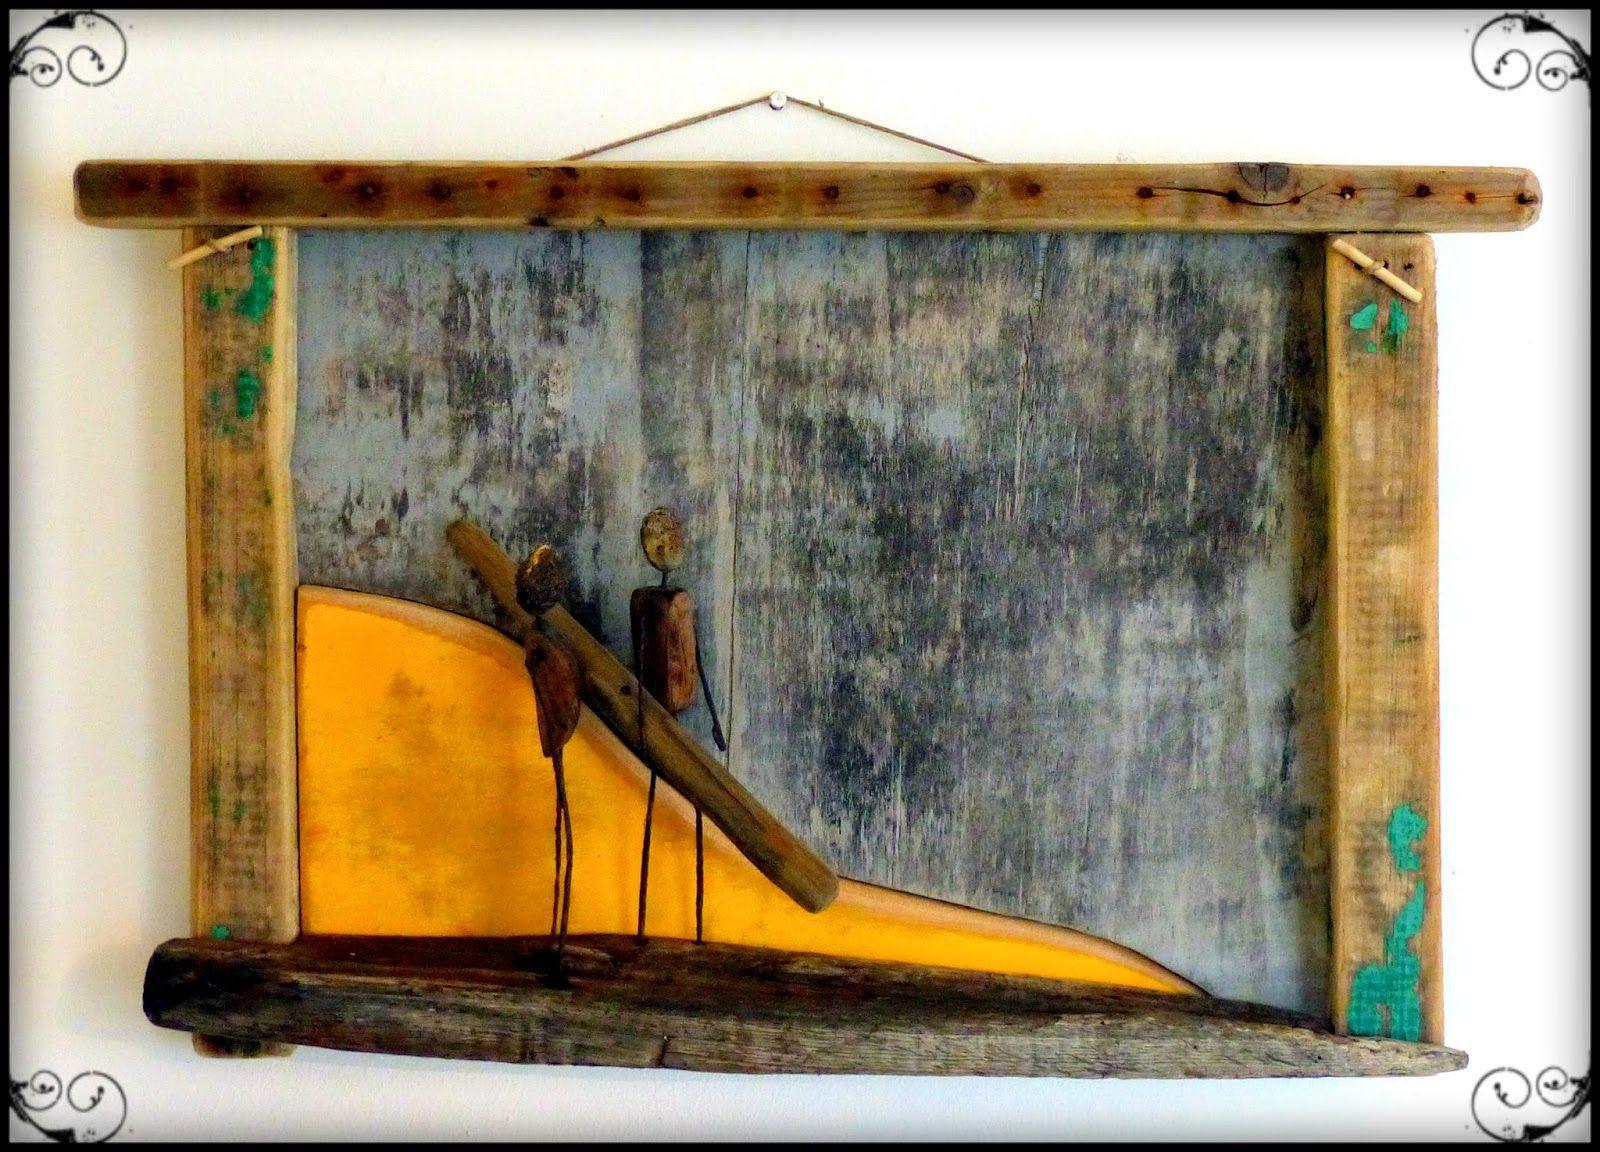 driftwood surf art bois flott vend e upcycling. Black Bedroom Furniture Sets. Home Design Ideas